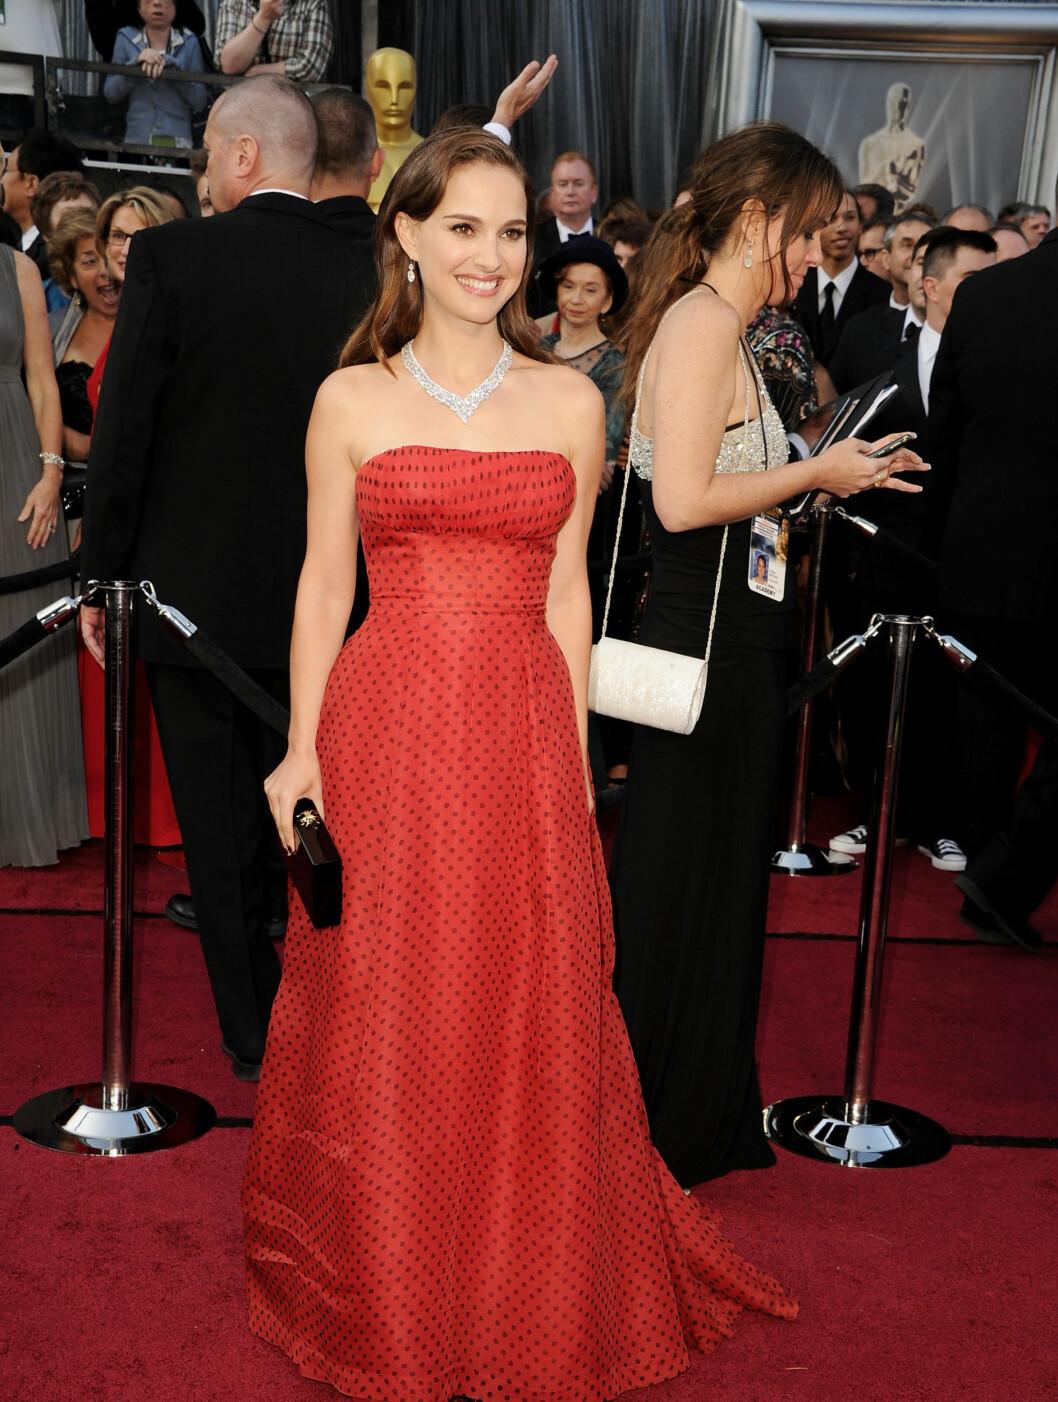 PRIKKER: Natalie Portman kom i en søt, rød kjole med sorte prikker fra Dior.  Foto: All Over Press